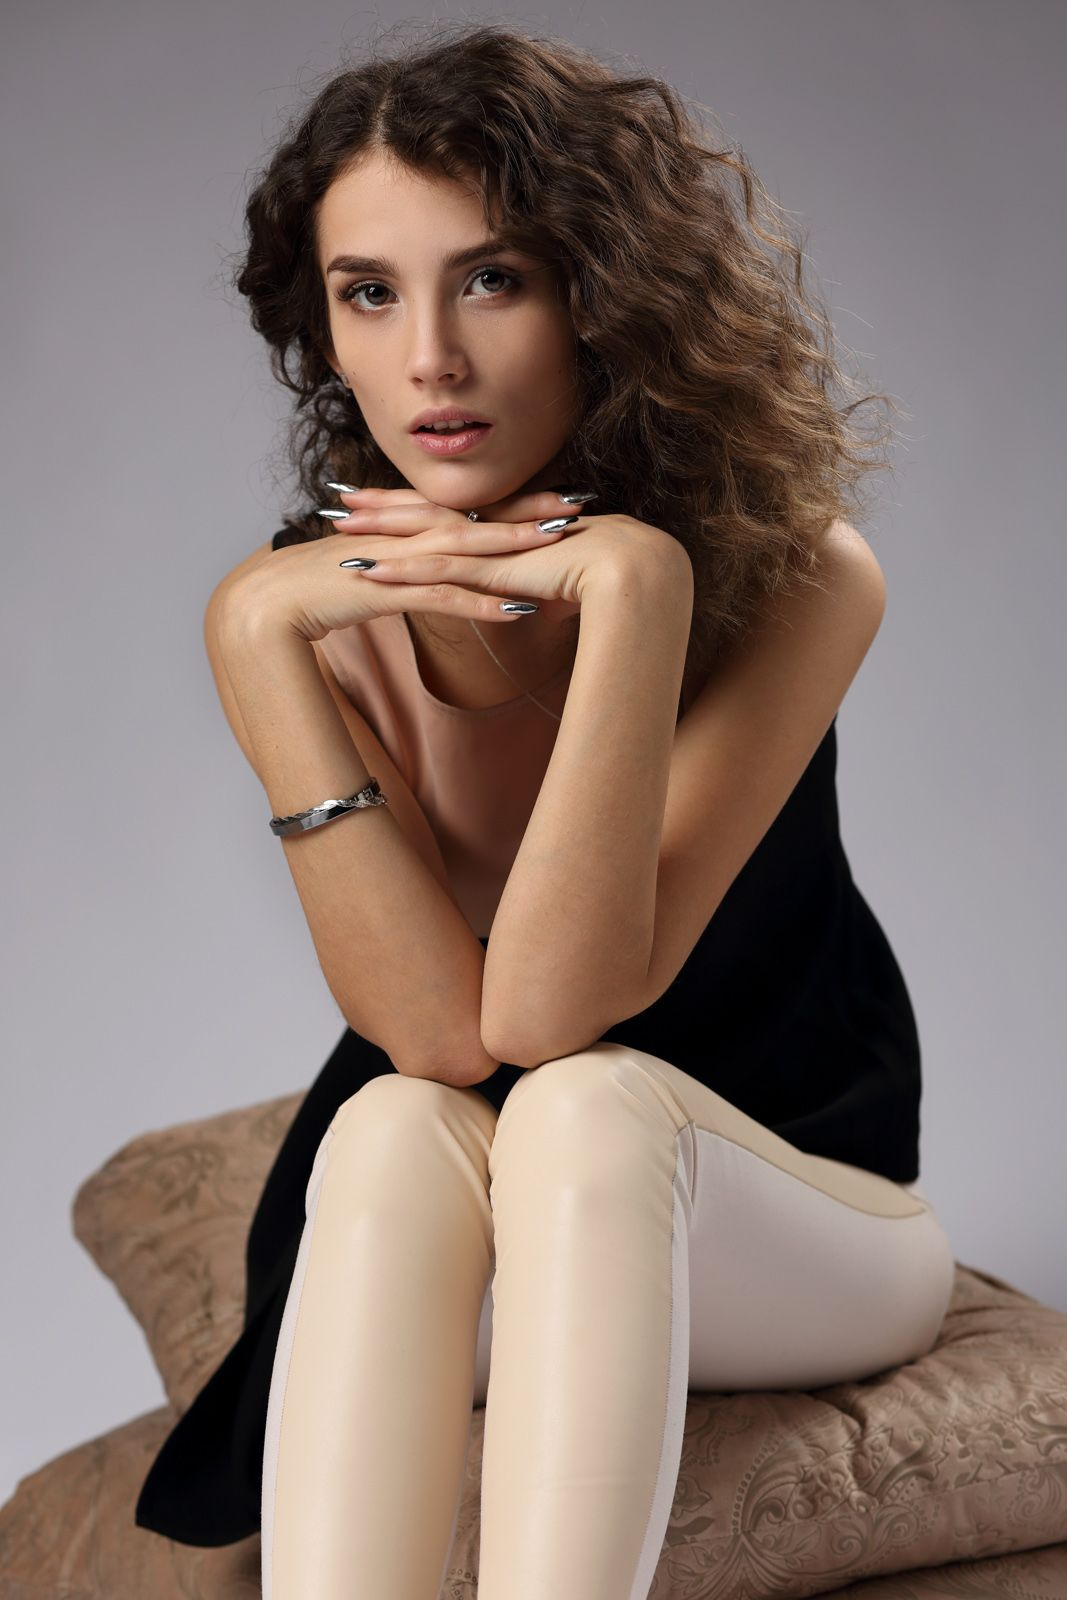 Молодость Девушка женщина модель молодость взгляд портрет бьюти фото красивая актриса